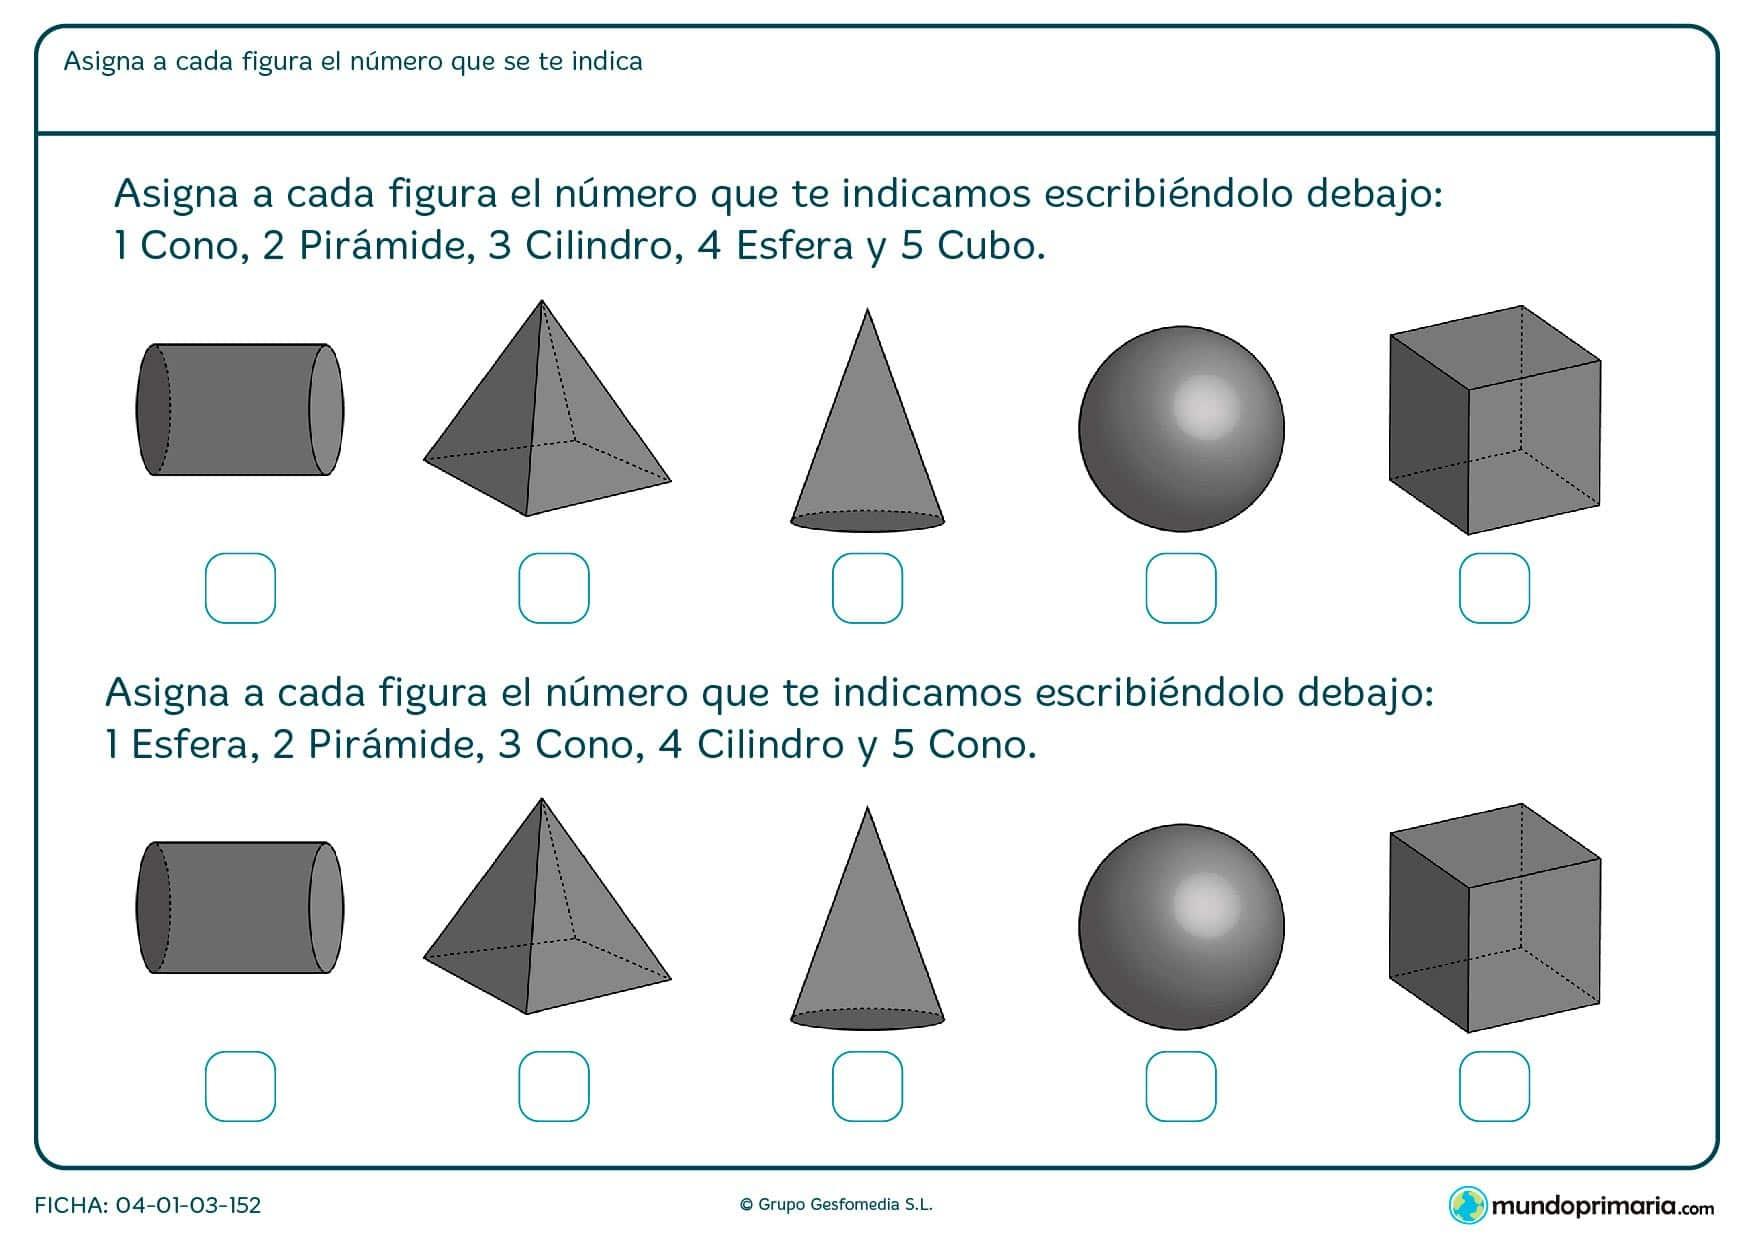 Ficha de pirámides y otras figuras geométricas que debes colocar con sus respectivos nombres.